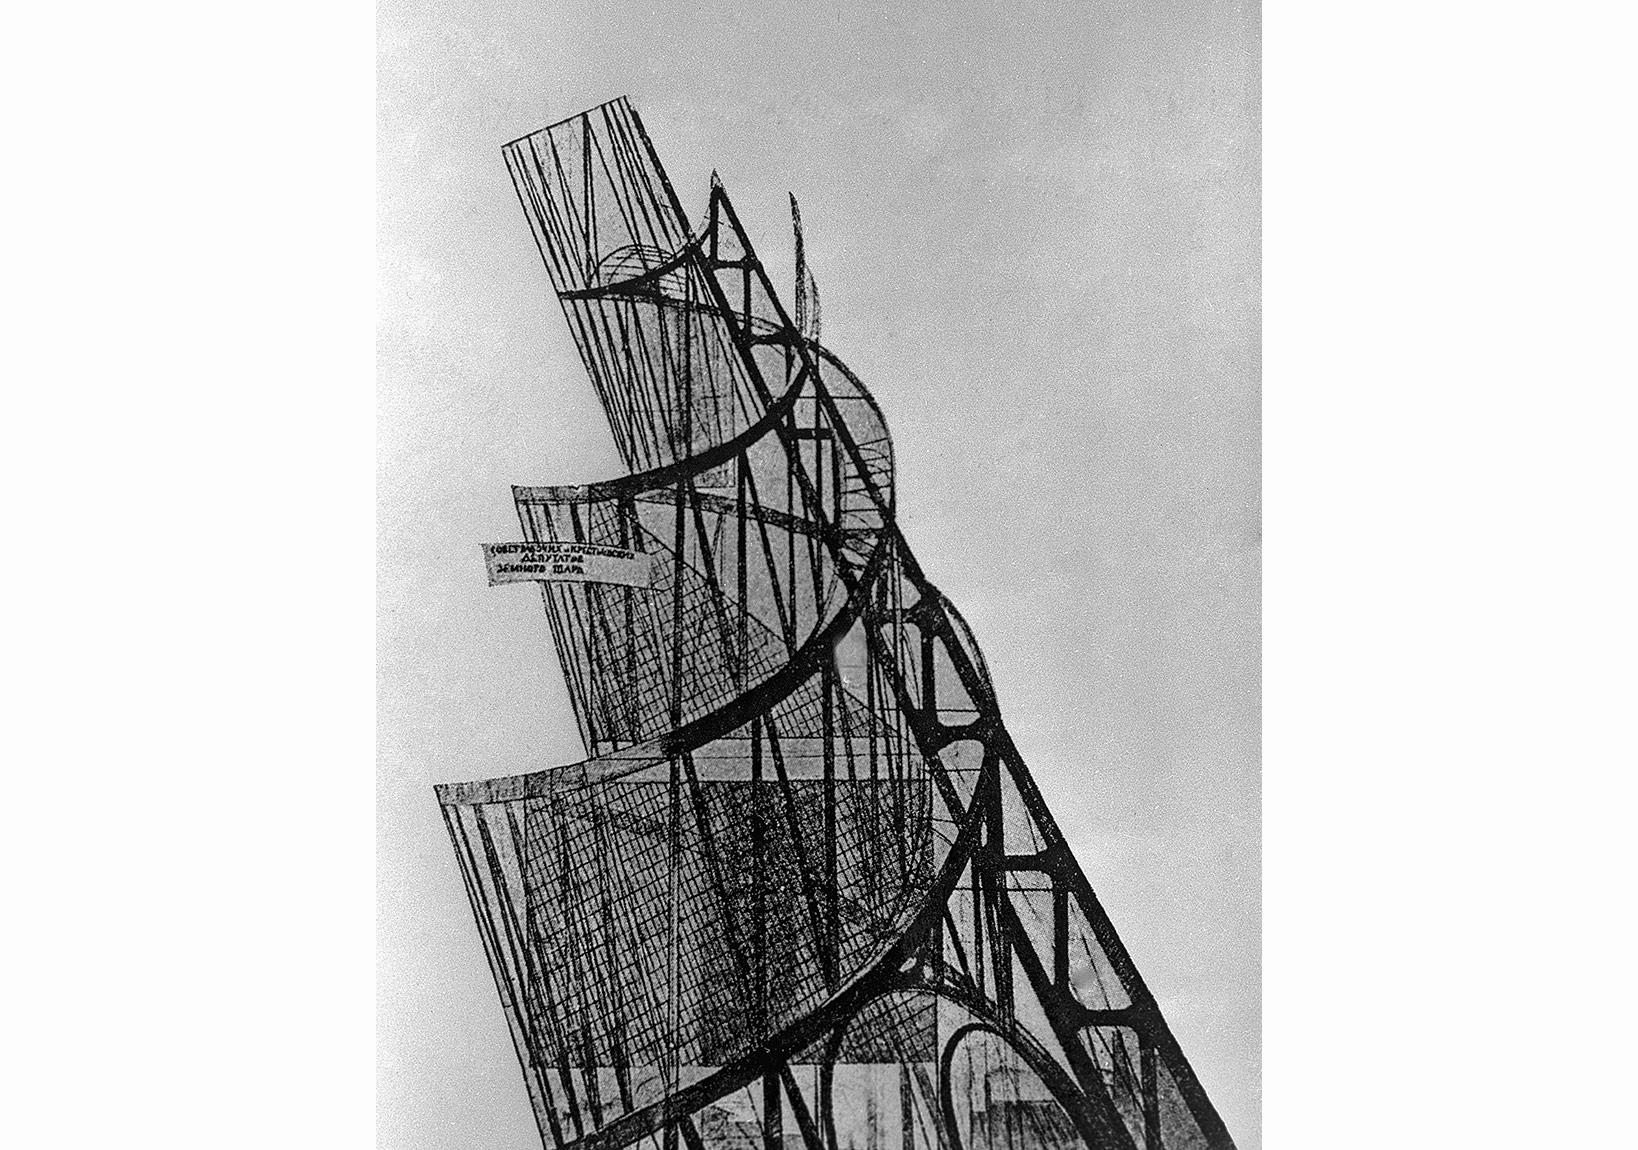 Vladimir Tatlin, Üçüncü Enternasyonal İçin Anıt(Kule) 1919-20